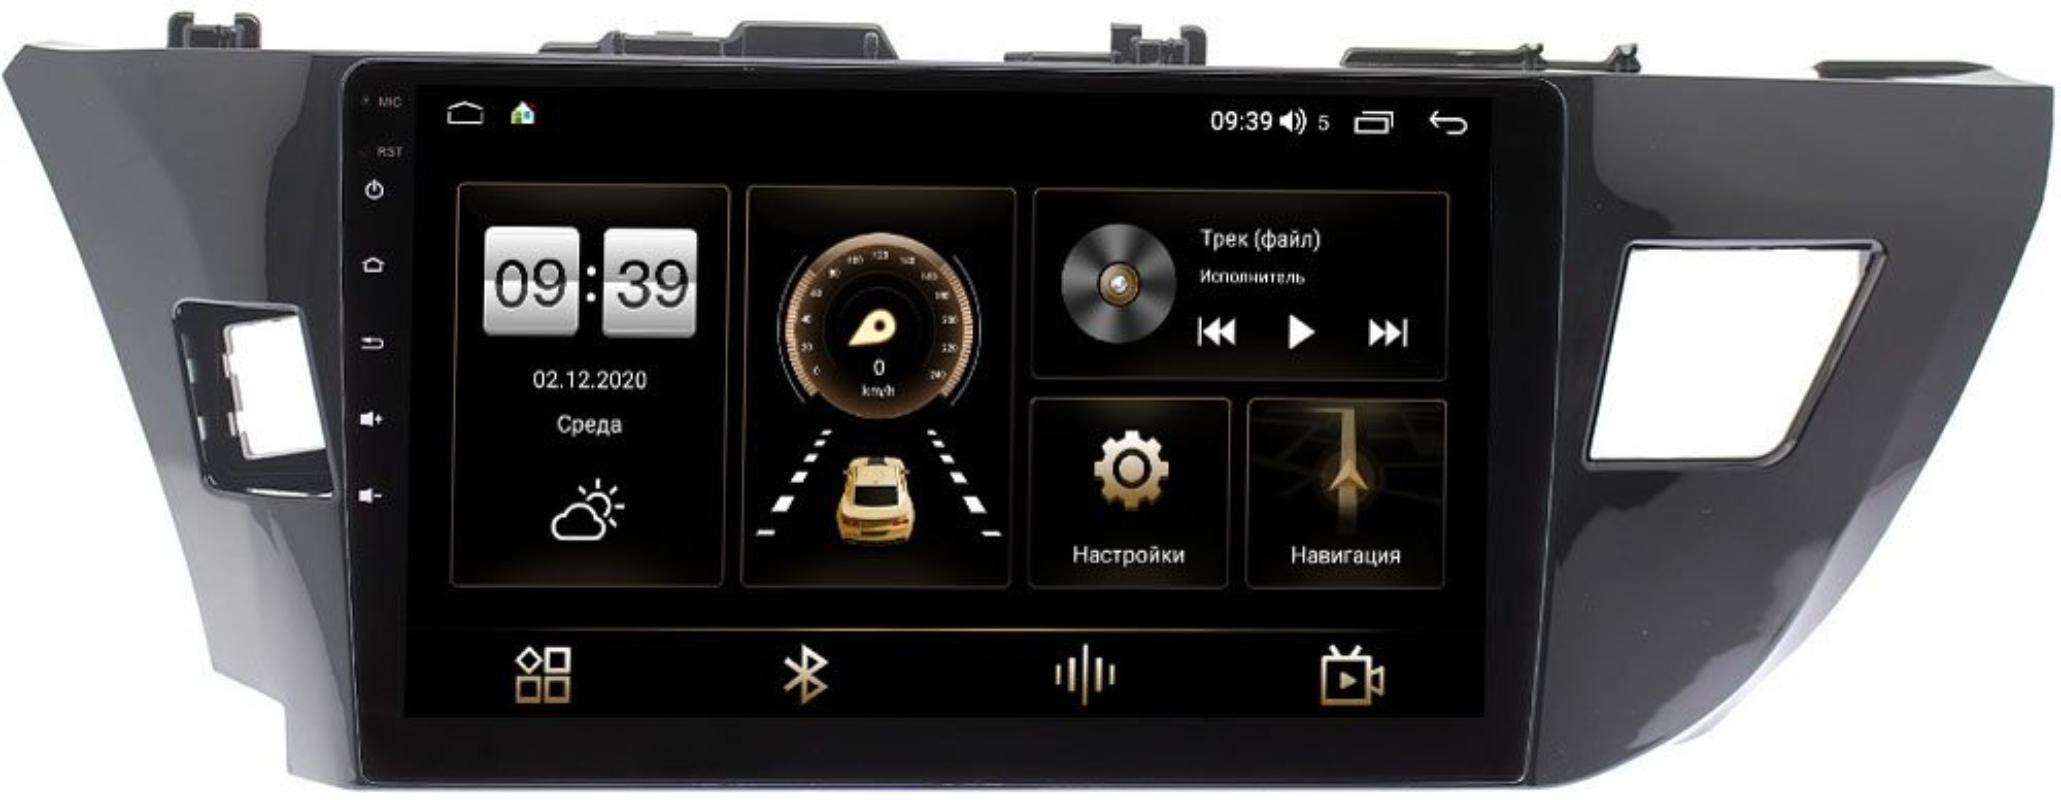 Штатная магнитола Toyota Corolla XI 2013-2015 LeTrun 3799-1005 на Android 10 (4/64, DSP, QLed) С оптическим выходом (для авто без камеры) (+ Камера заднего вида в подарок!)